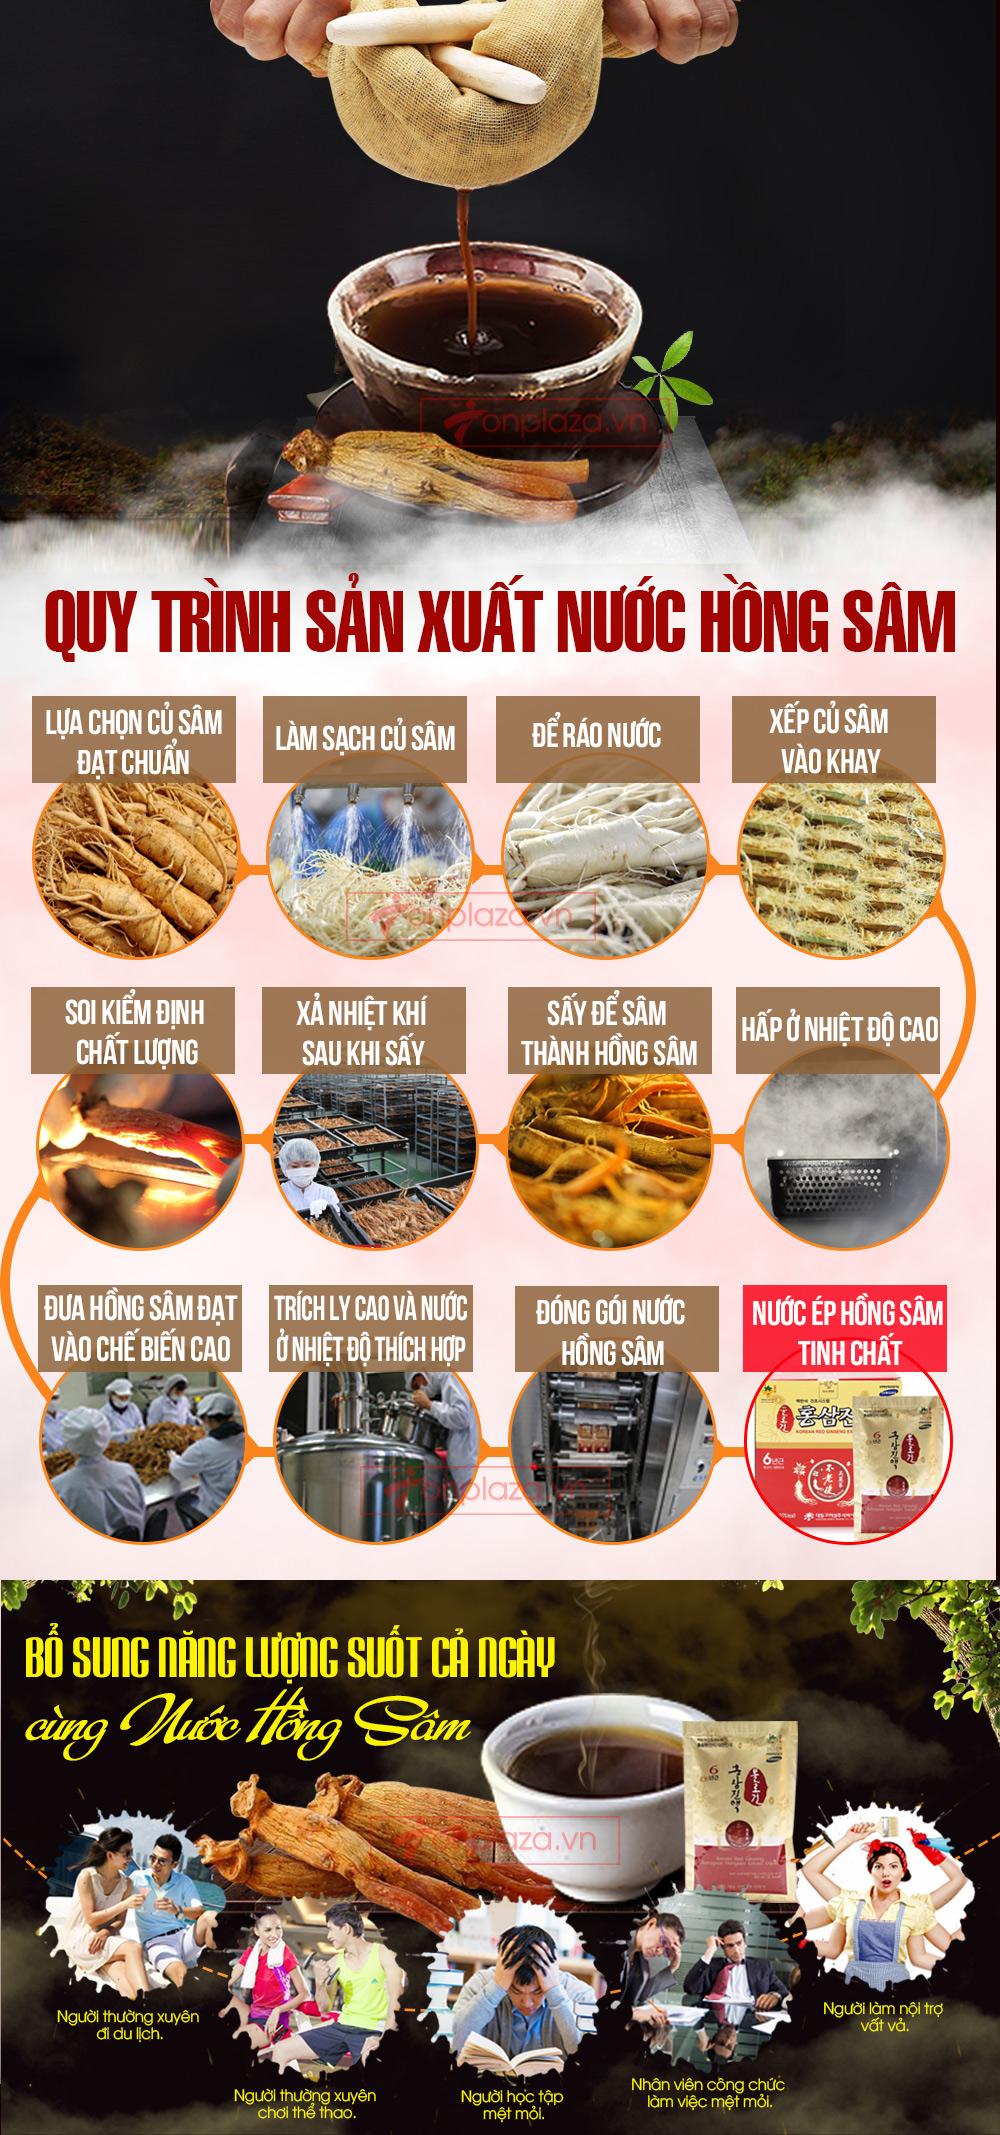 quy-trinh-san-xuat-nuoc-ep-hong-sam